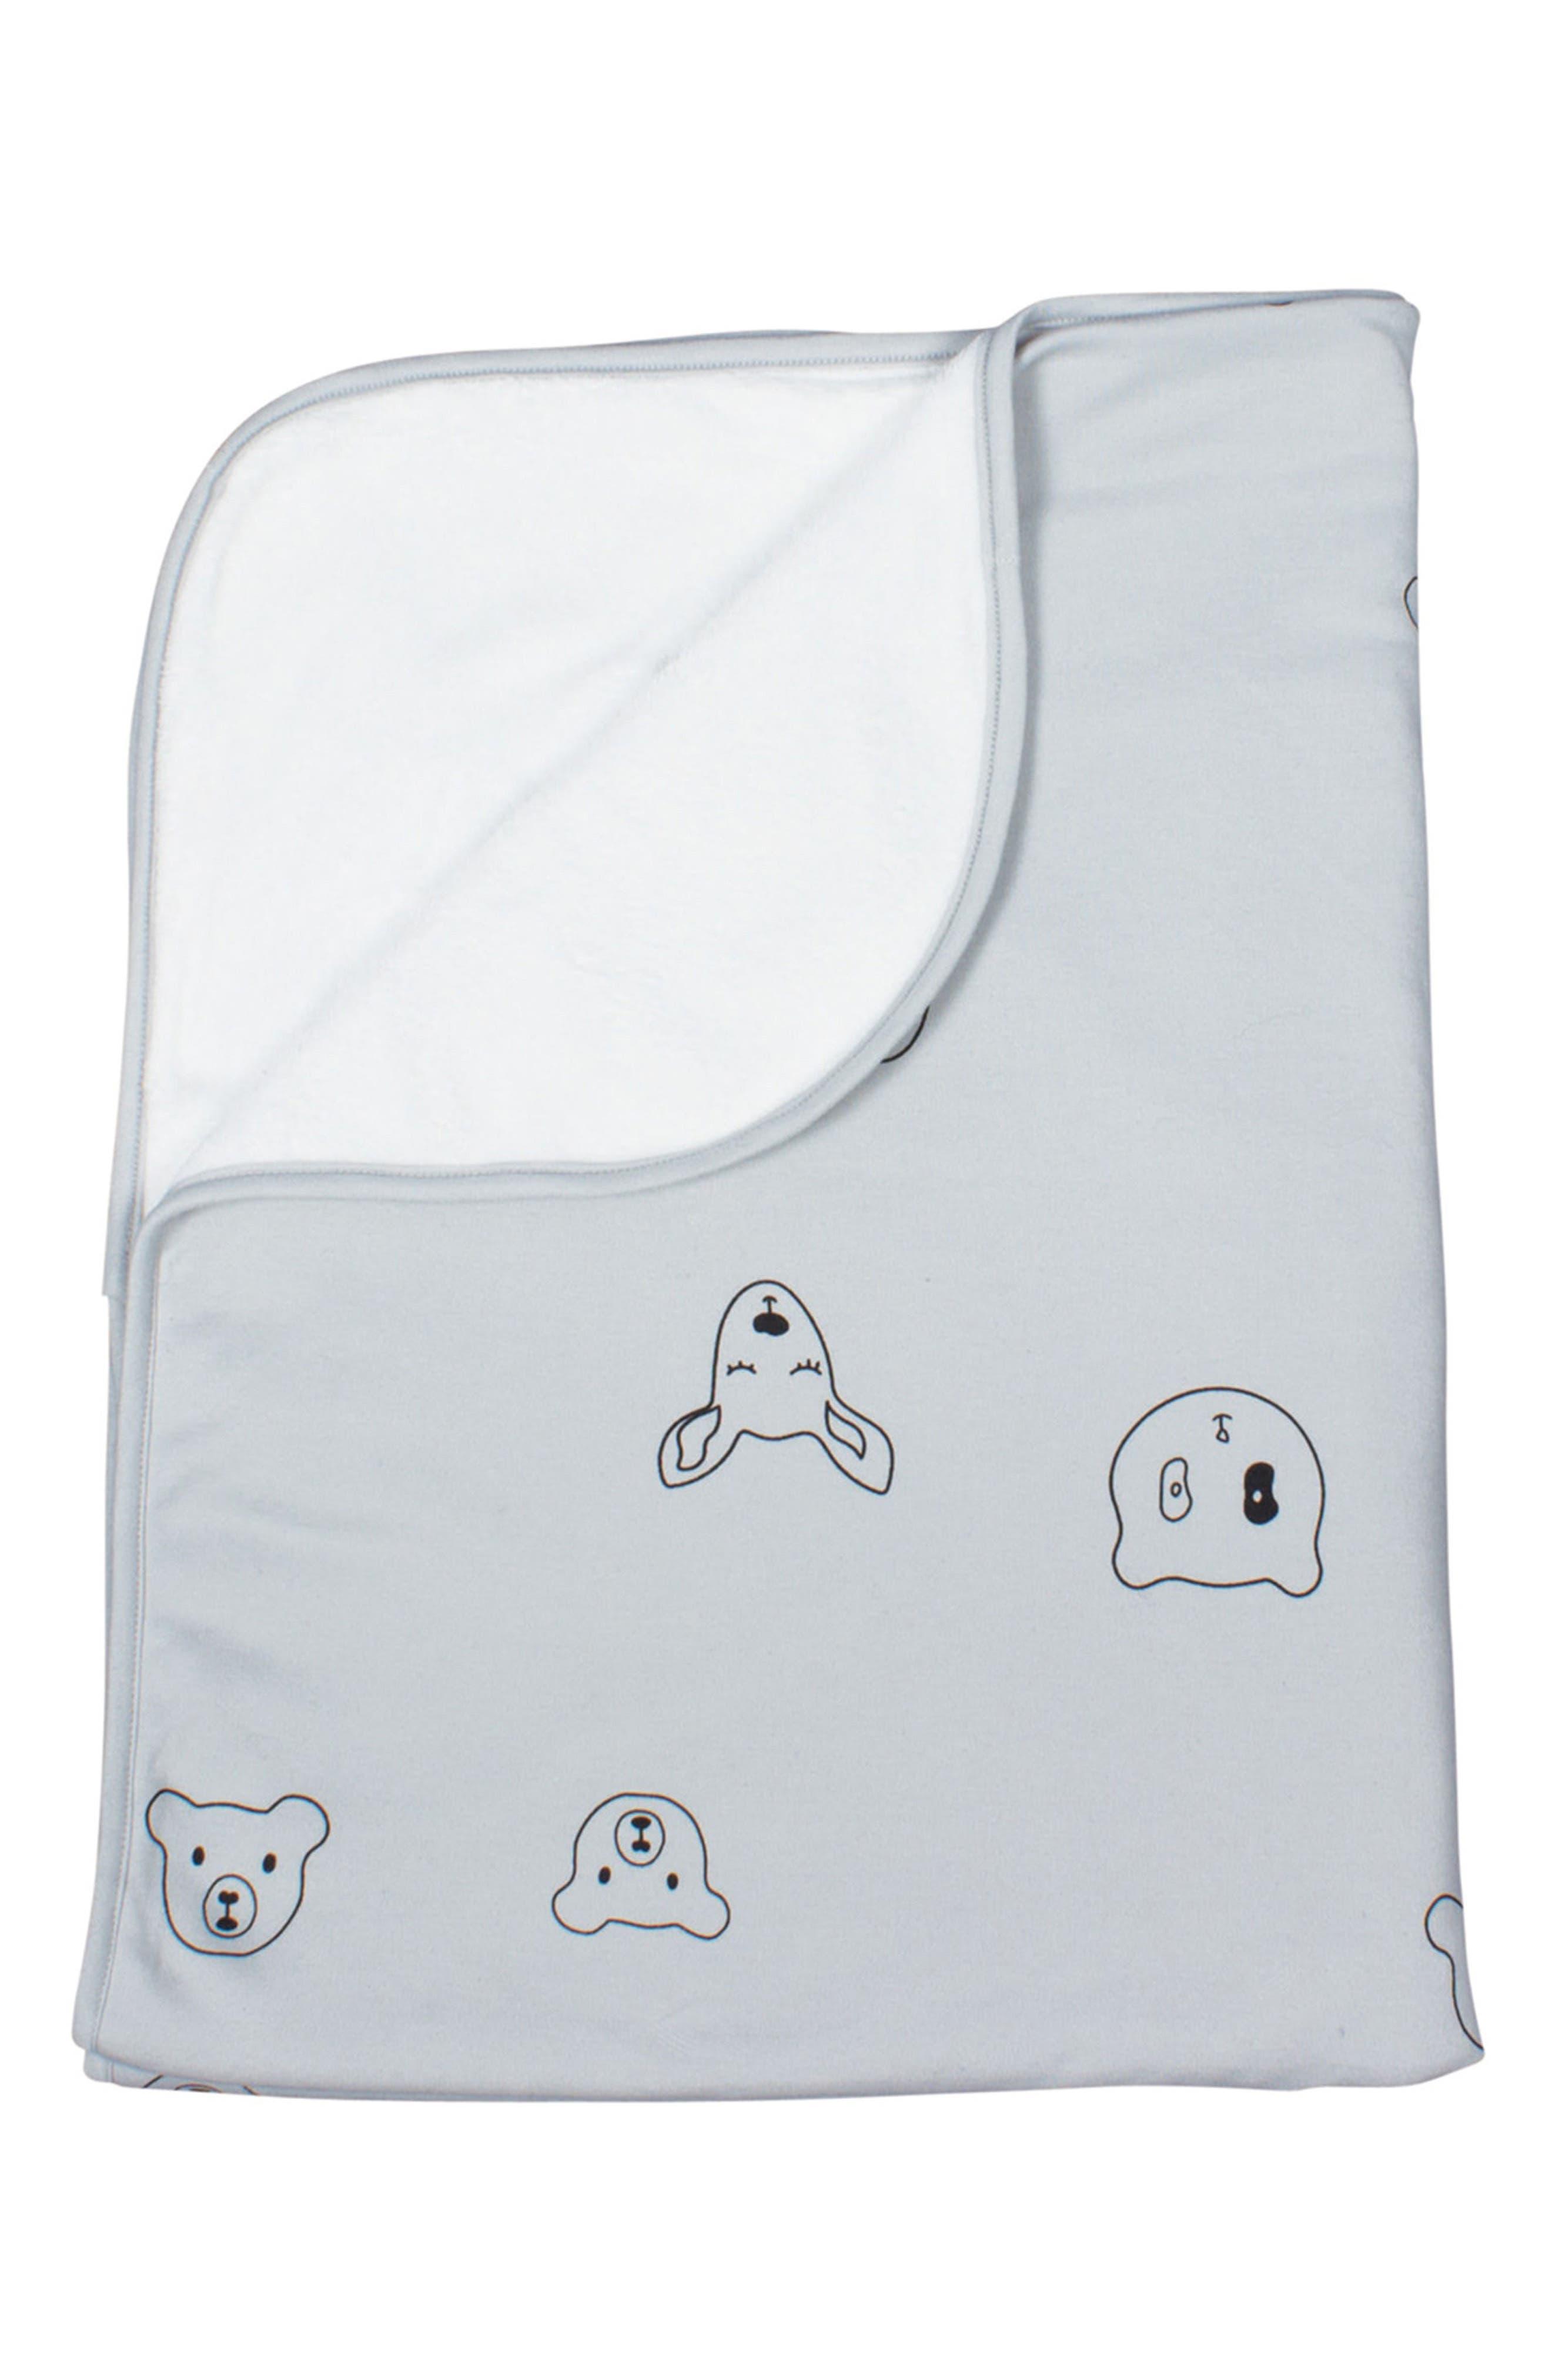 SOOKIbaby Panda Reversible Blanket